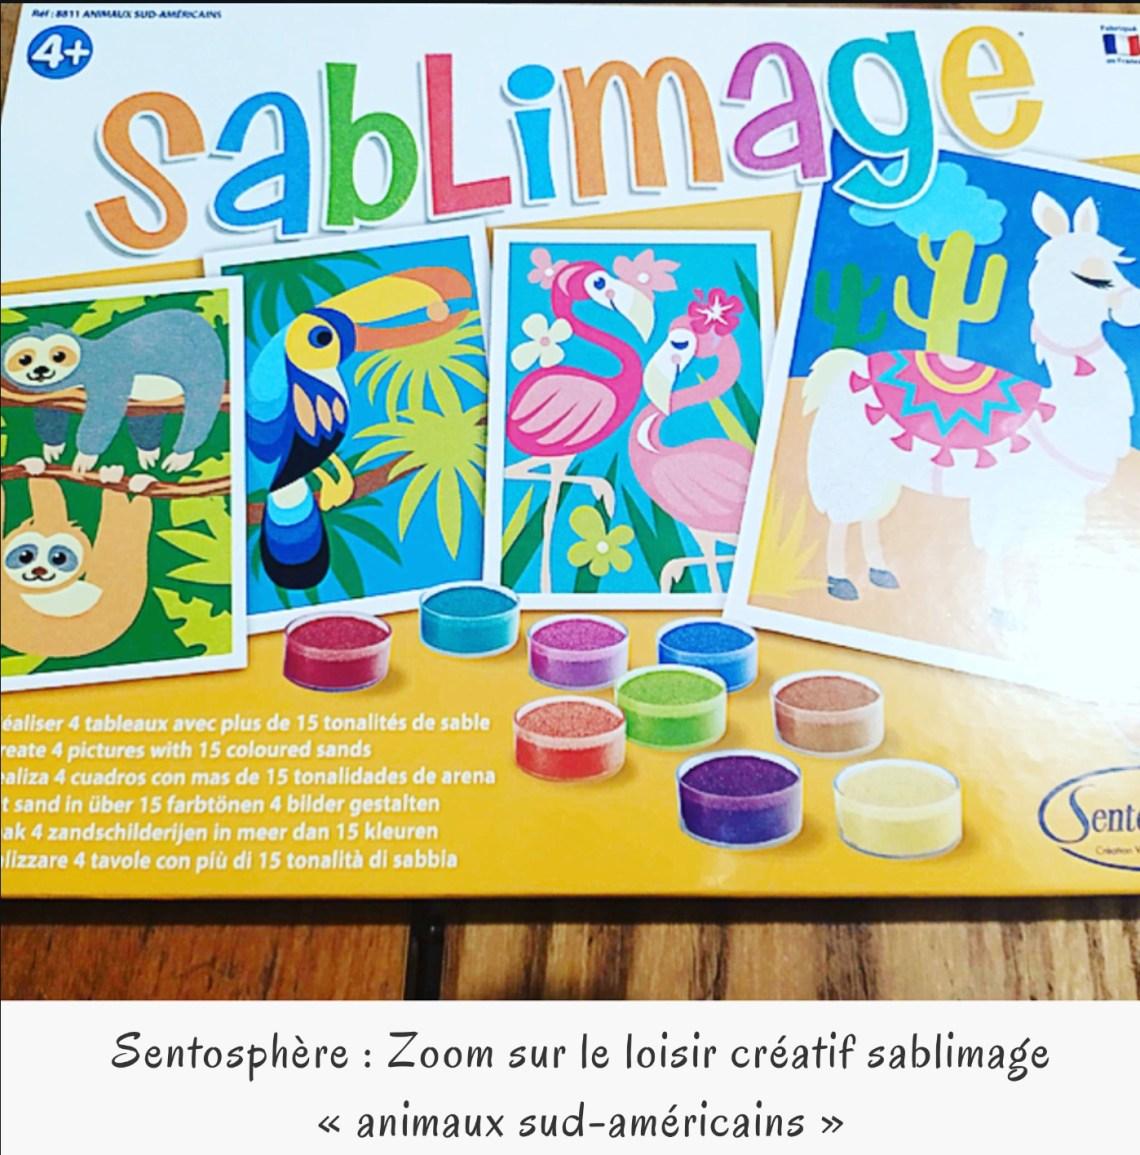 Sentosphère : Zoom sur le loisir créatif sablimage « animaux sud-américains »